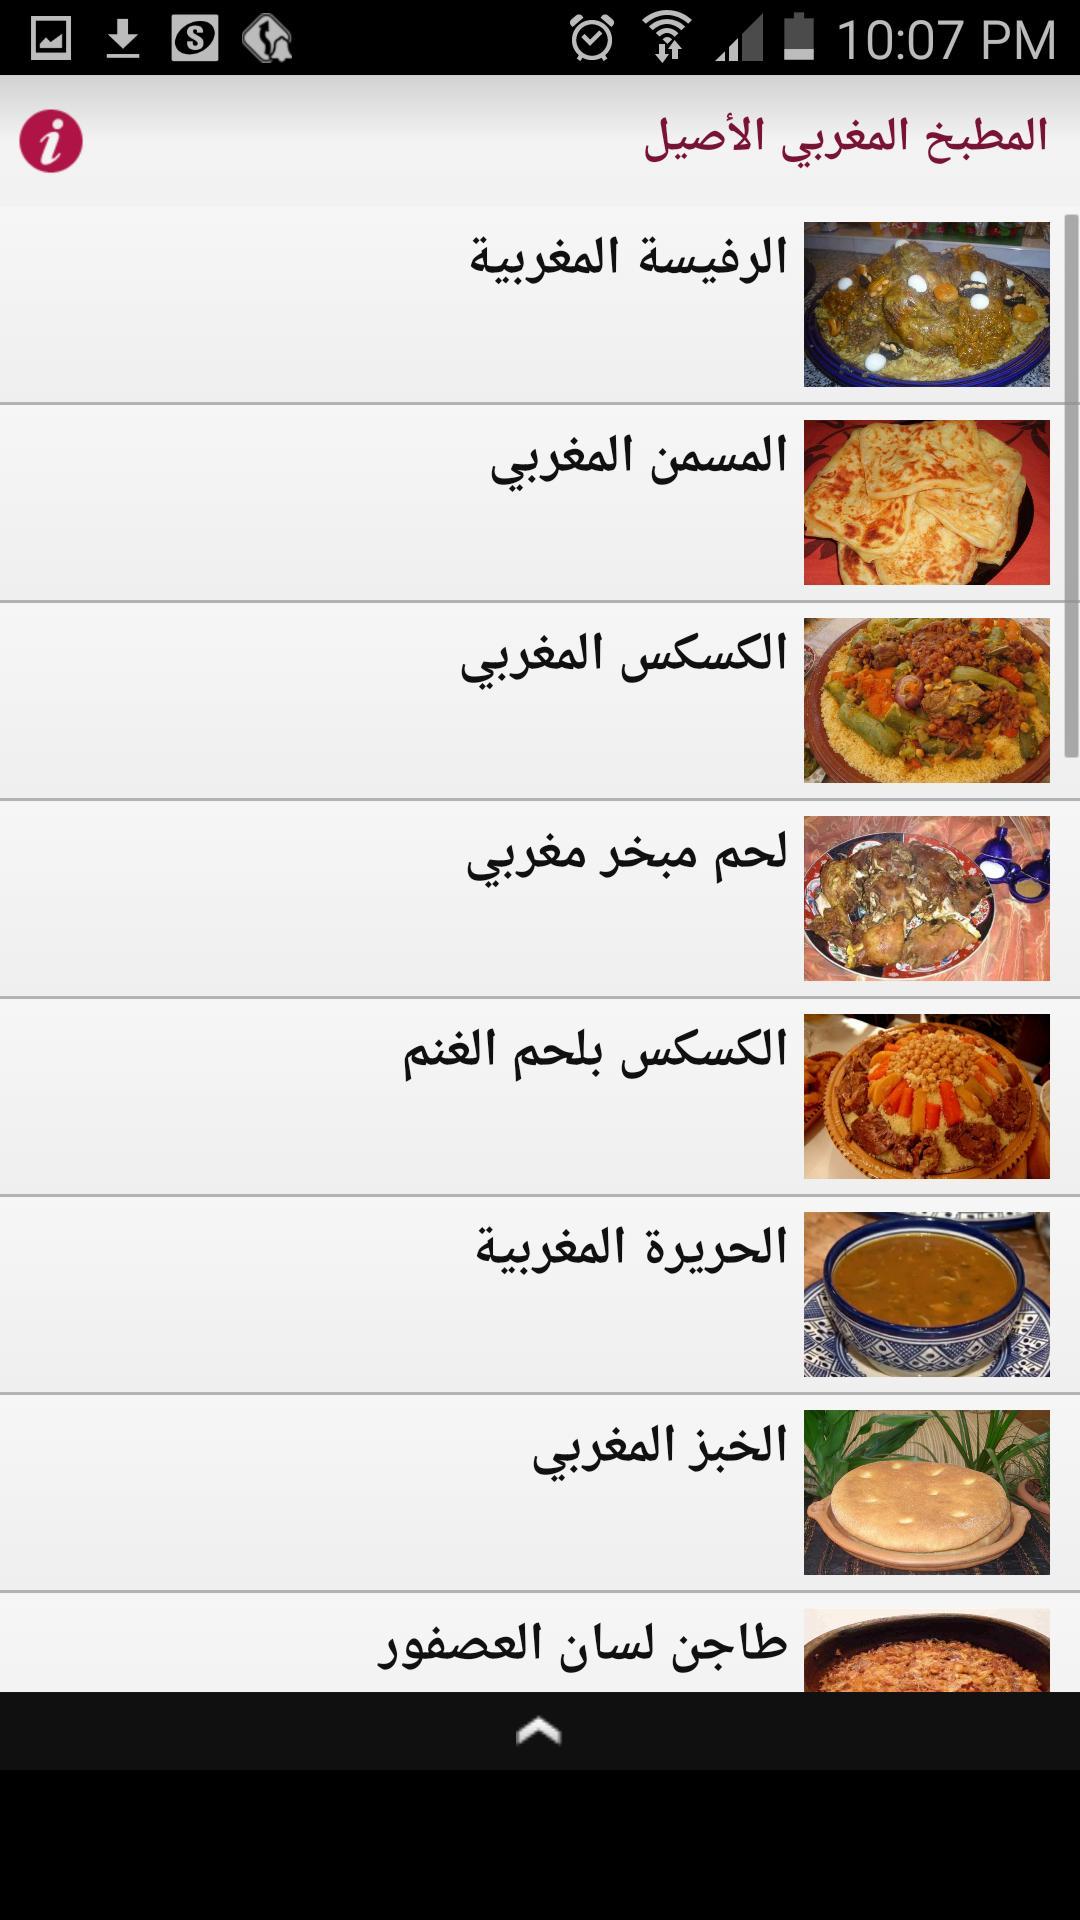 8a33dca4e ... الطبخ المغربي الأصيل captura de pantalla 2 ...